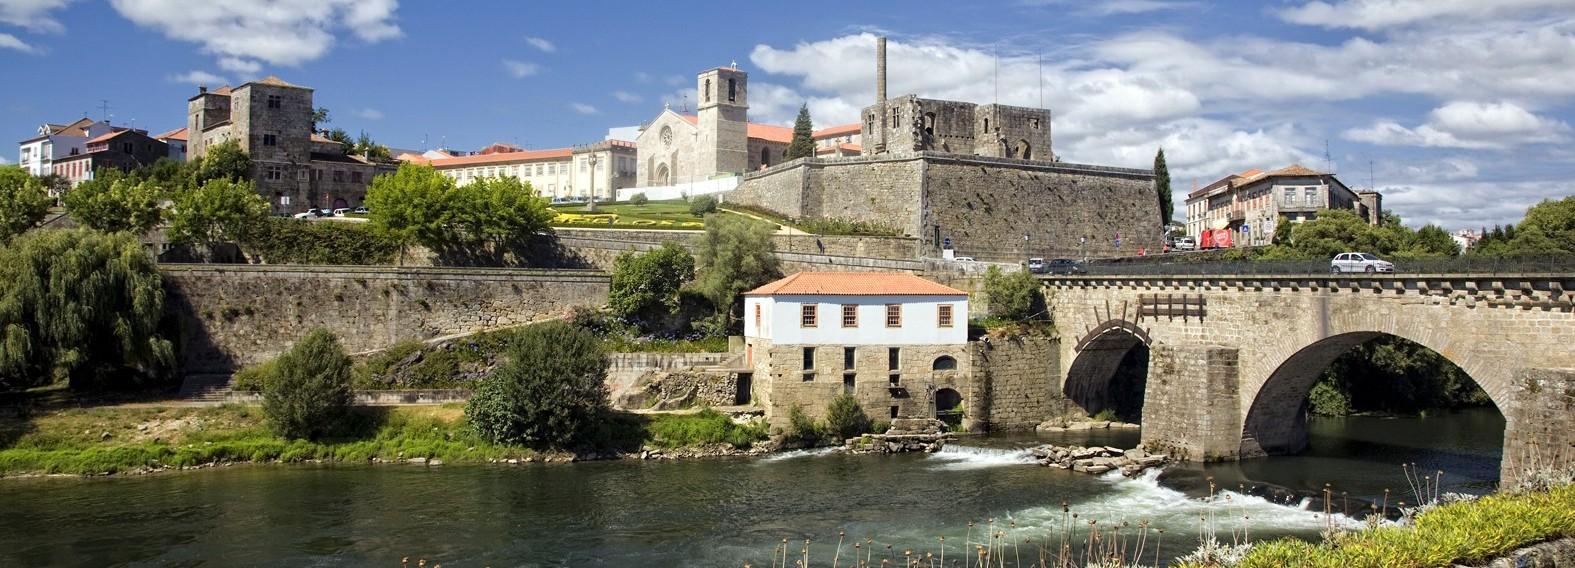 Município de Barcelos é o primeiro do distrito e o quarto a nível nacional melhor gerido